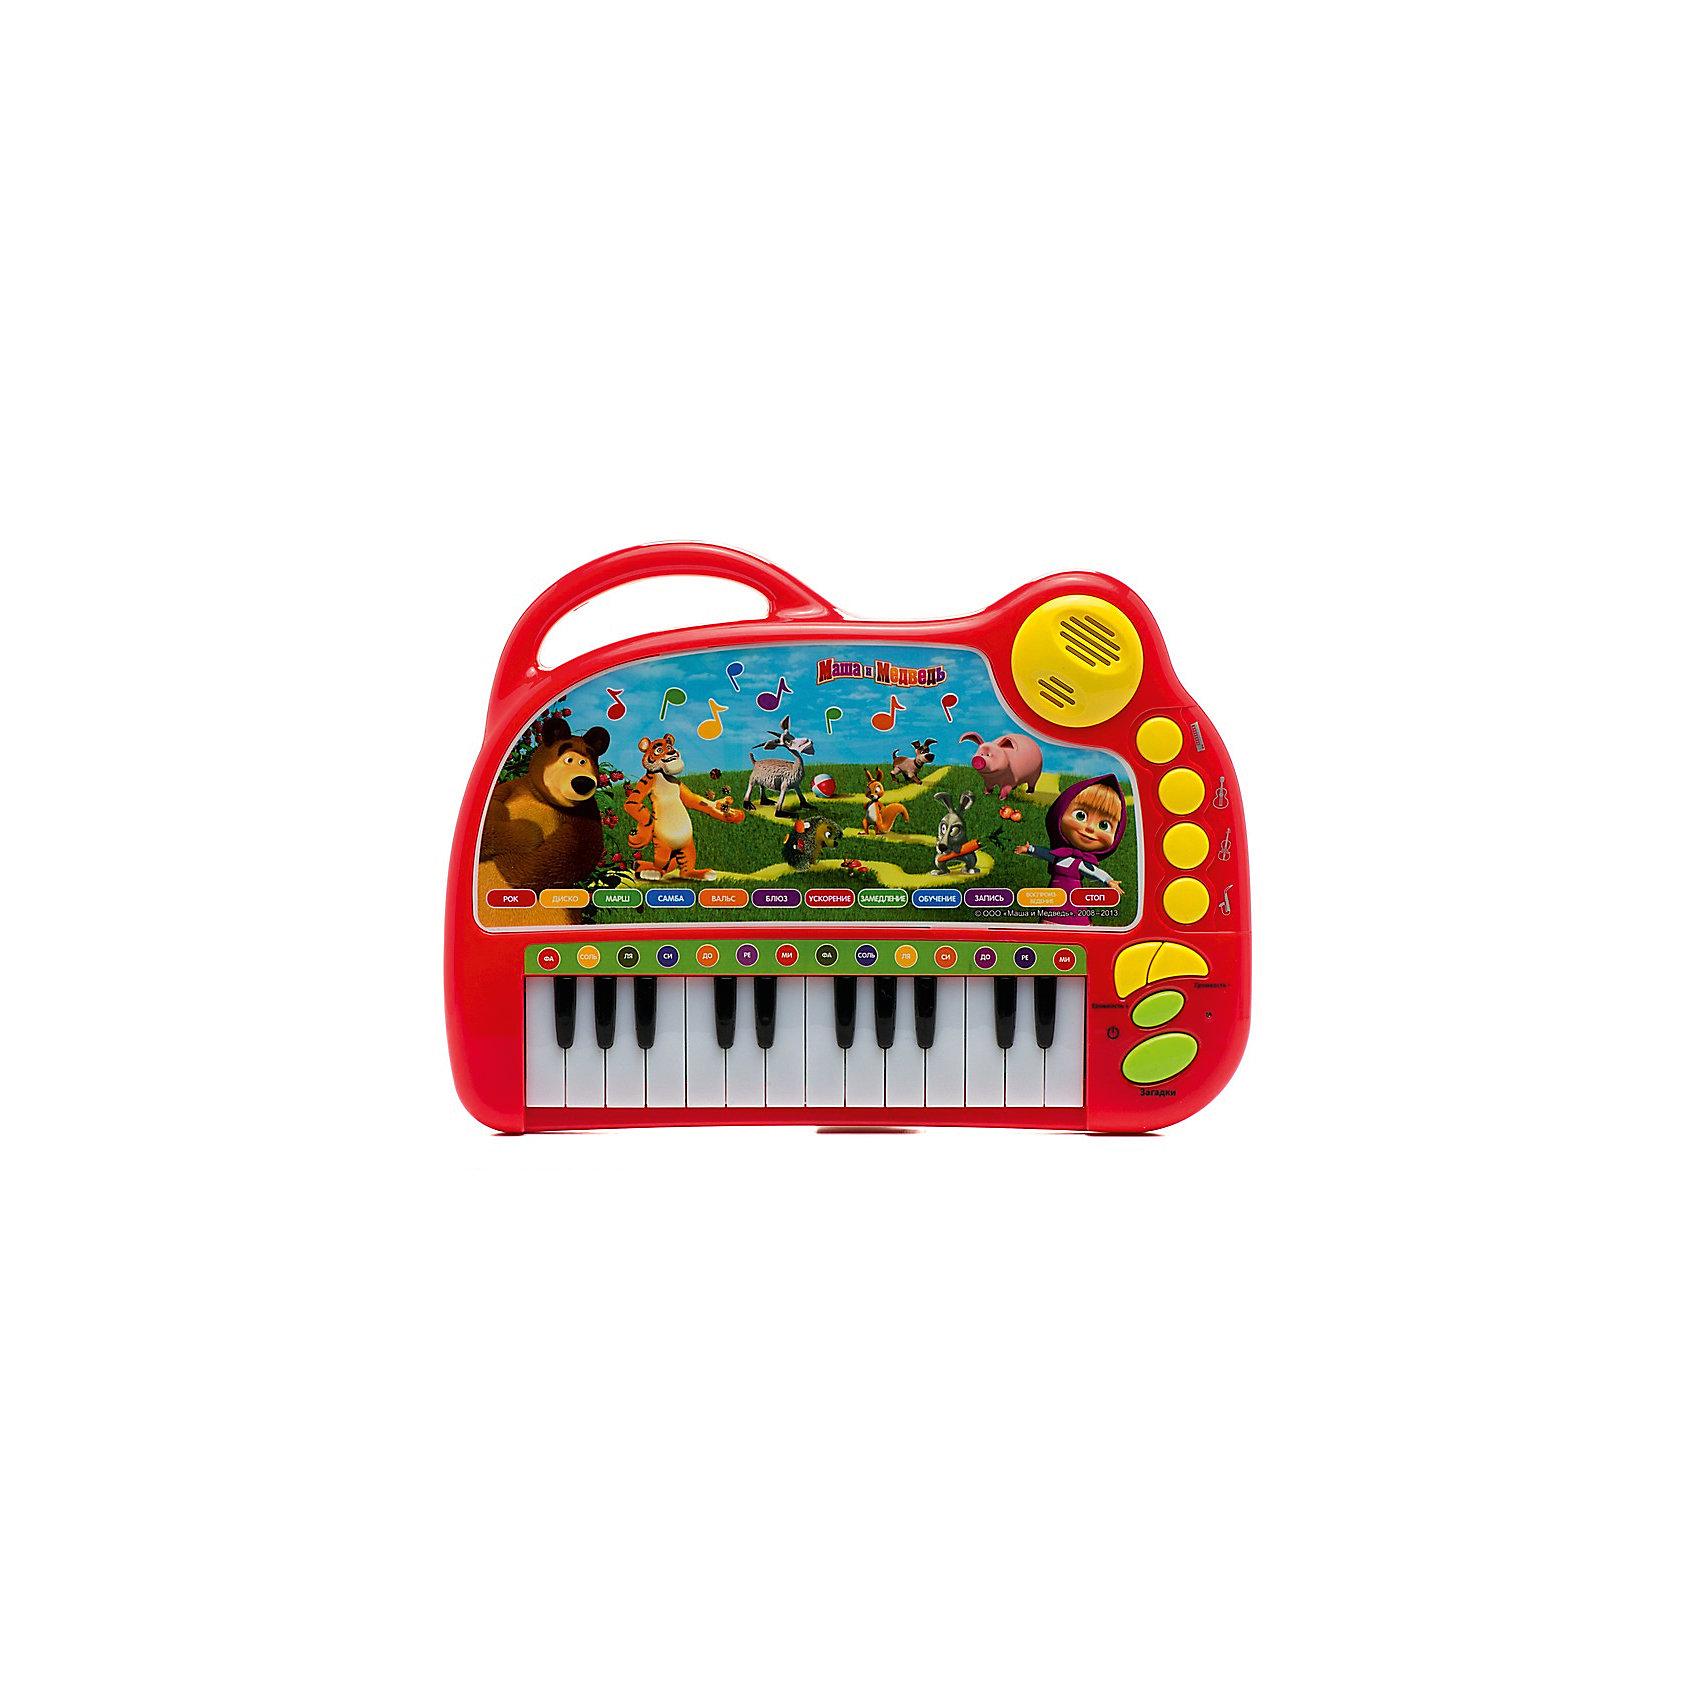 Обучающее пианино 9 стихов+9 песен, со светом, Маша и Медведь, Умка